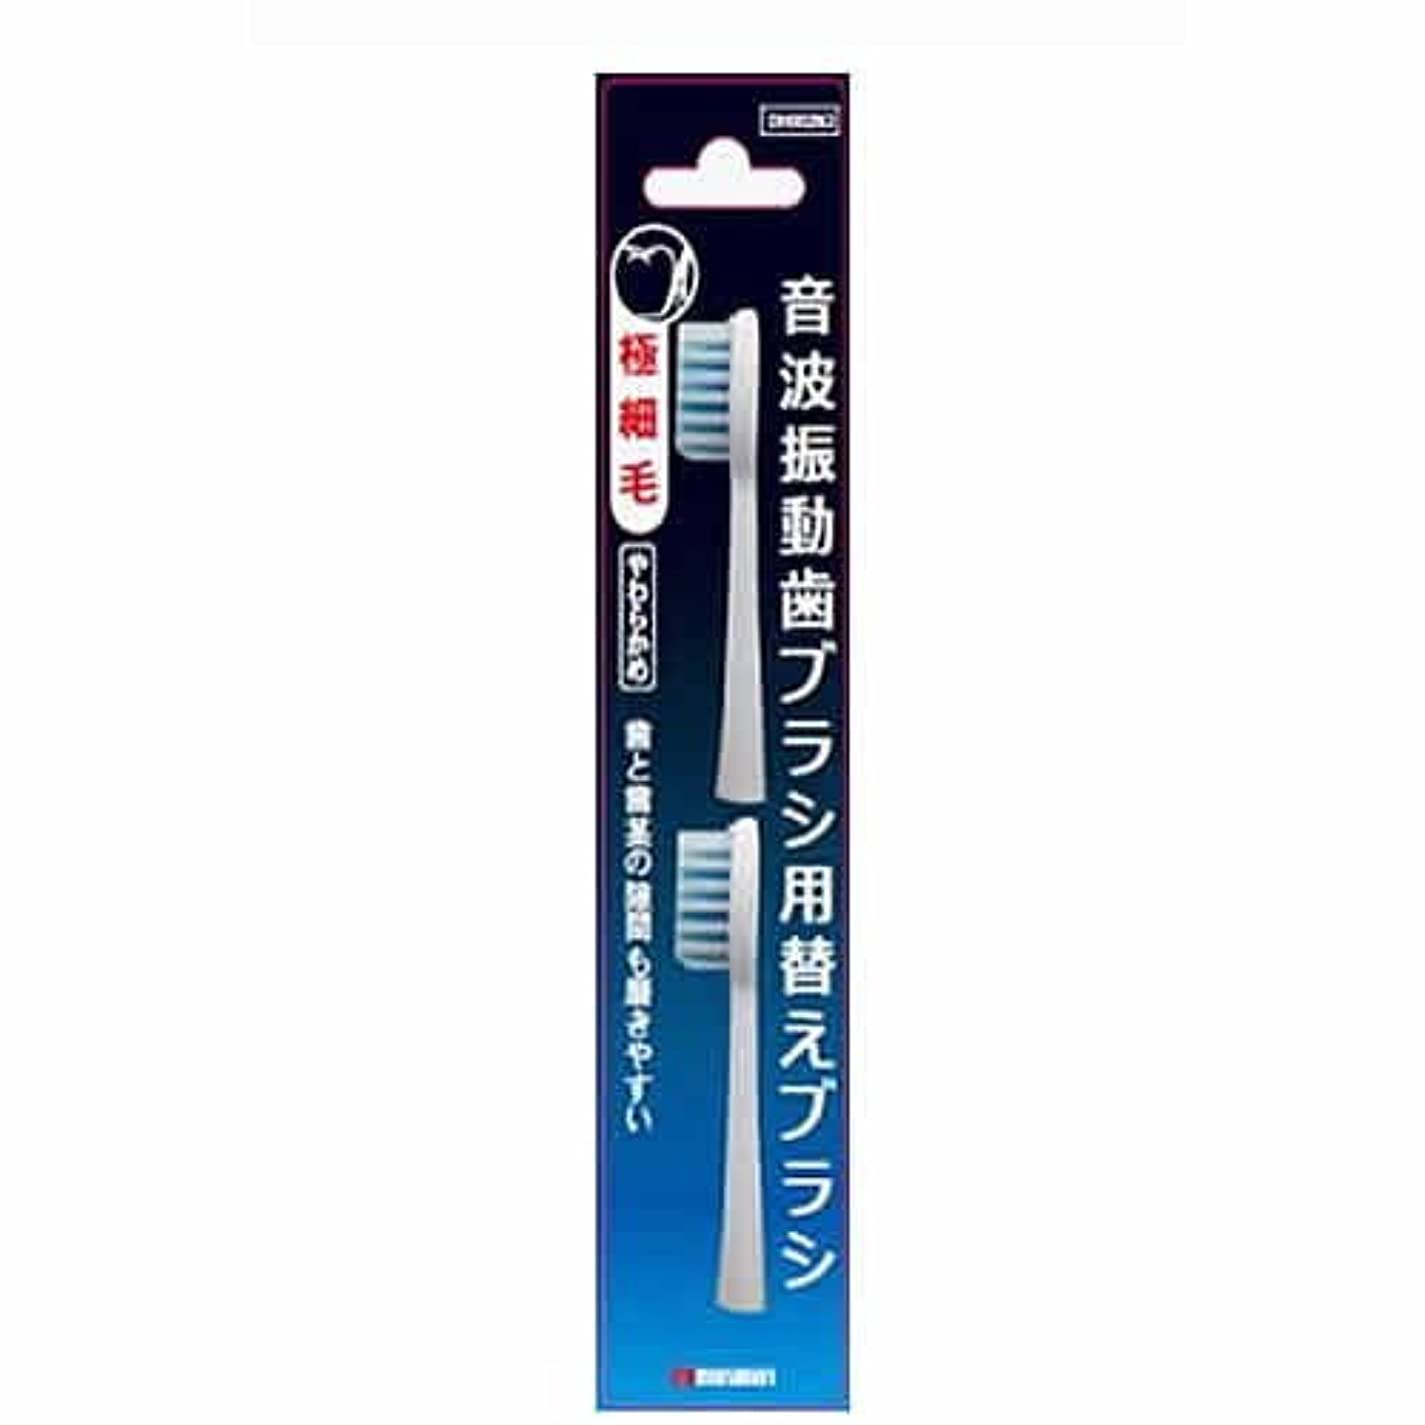 いらいらする行ううめき【まとめ買い】マルマン 電動歯ブラシ ミニモ/プロソニック1/プロソニック2/プロソニック3 対応 替えブラシ 極細毛 DK002N2 2本組 ×10個